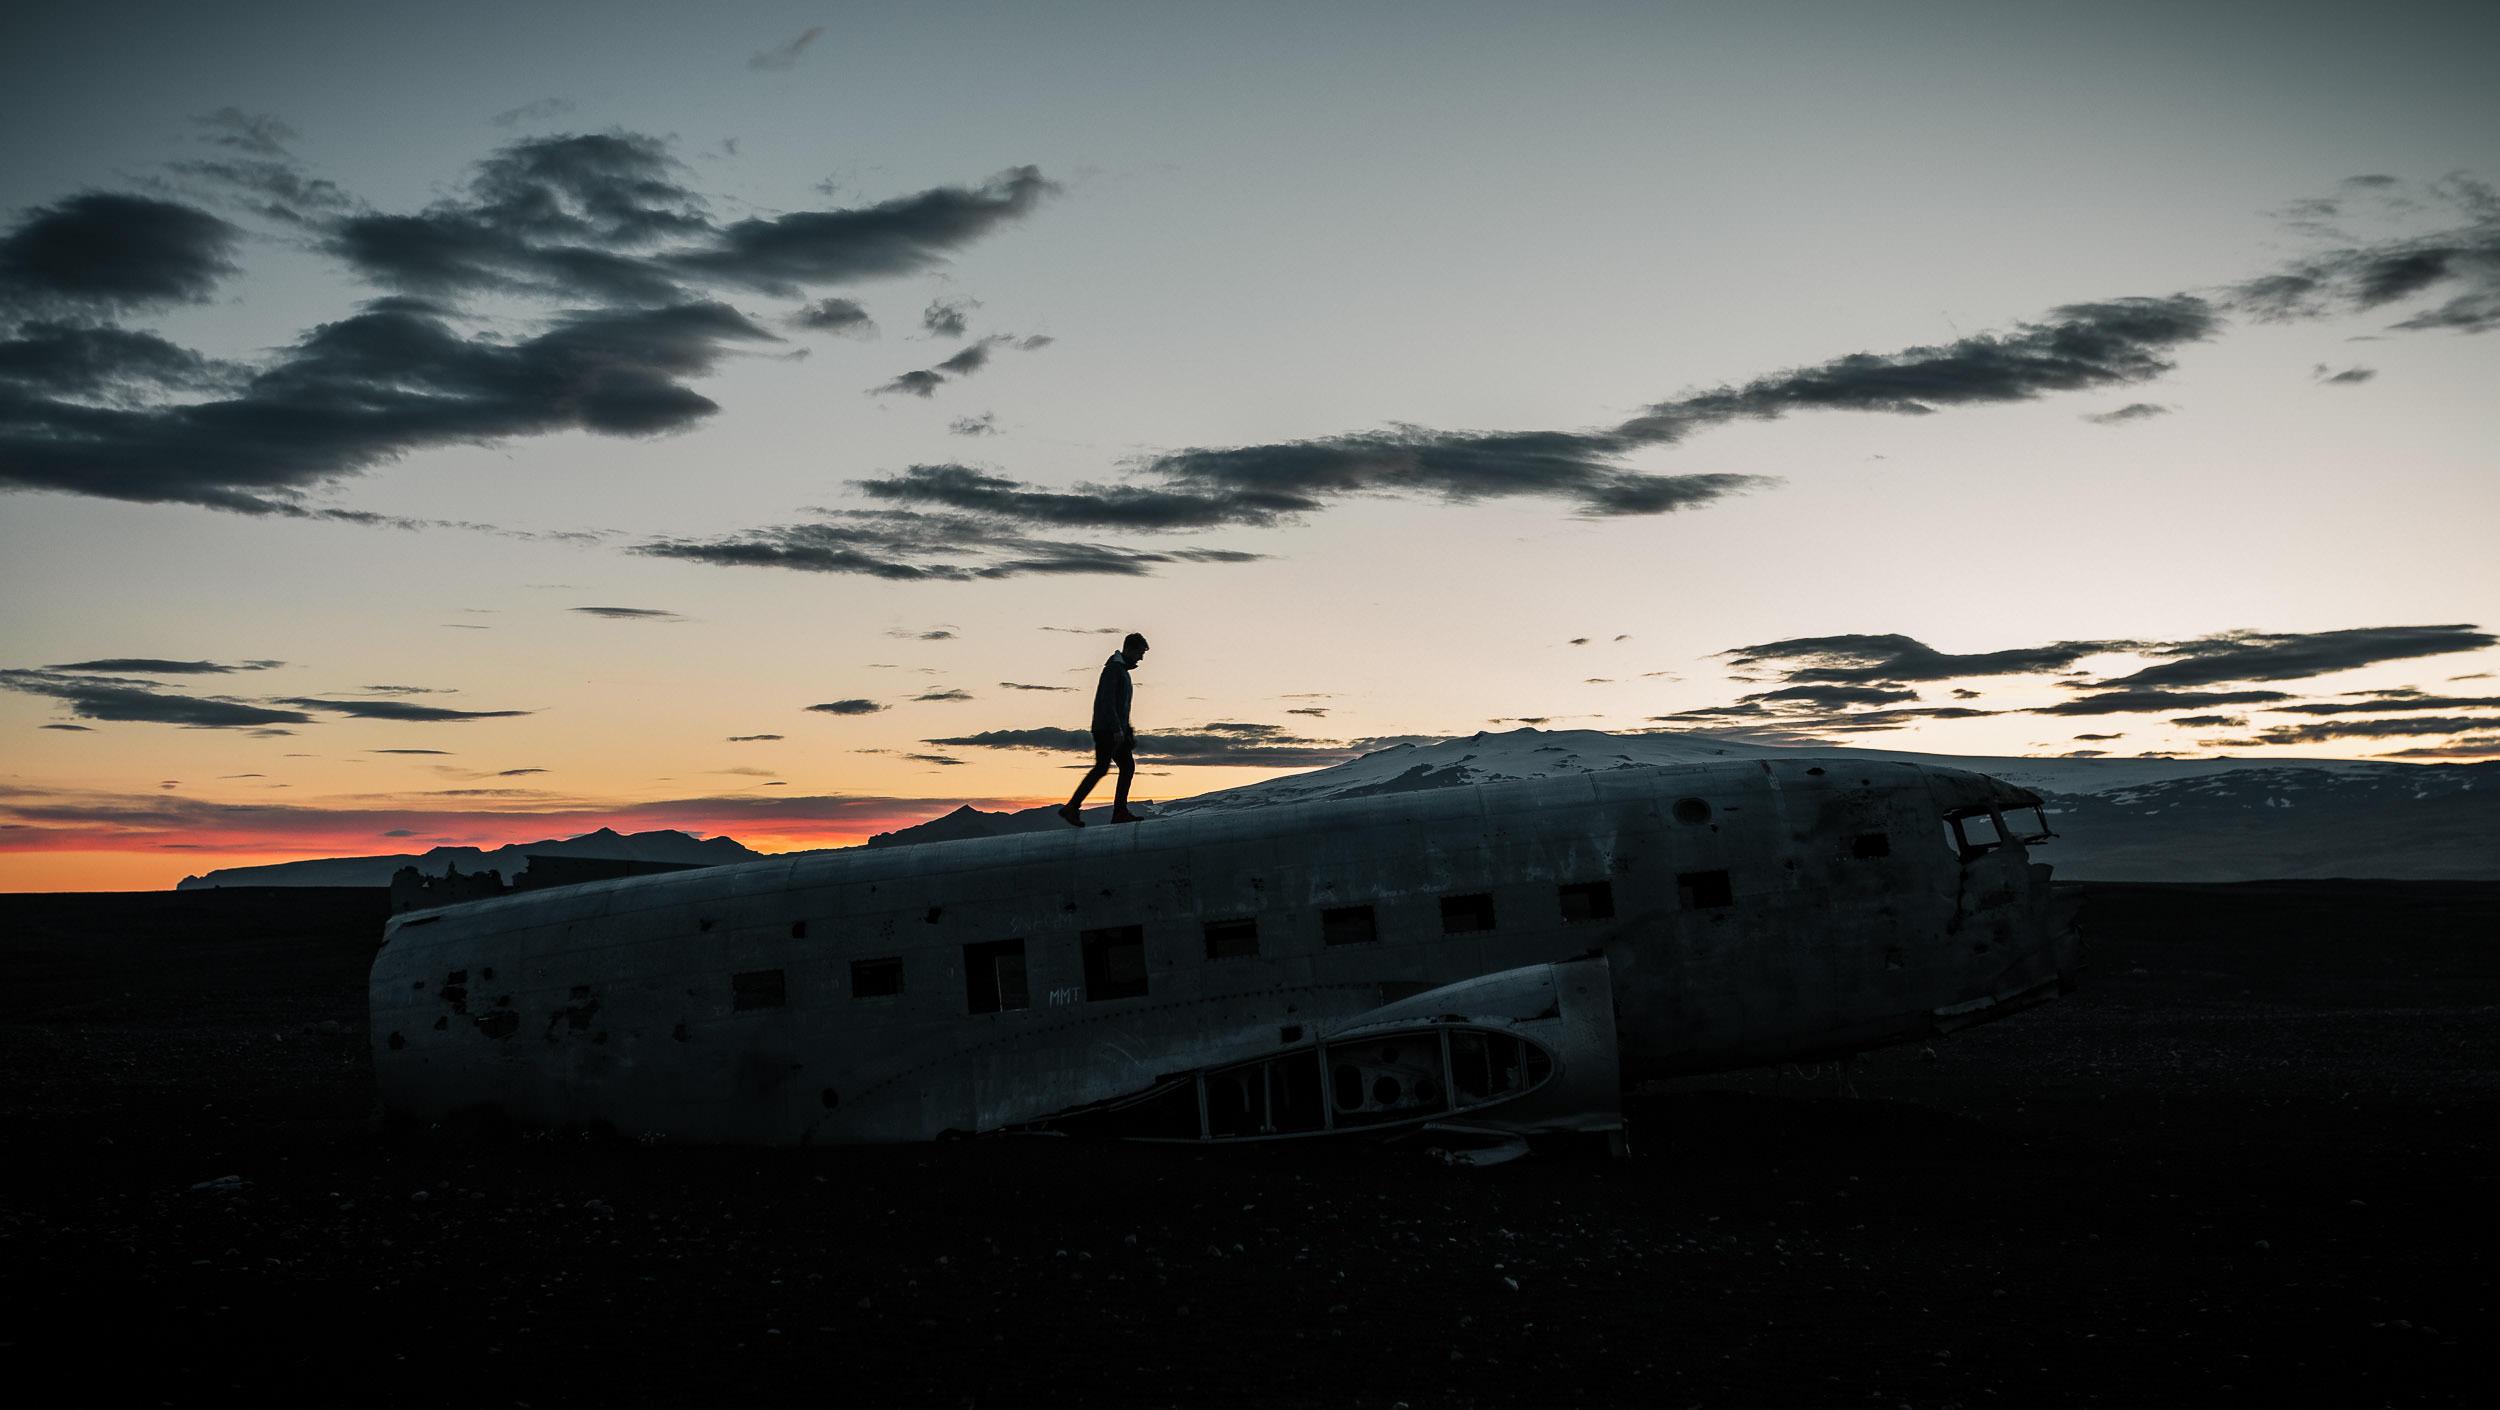 2016.07.03_Iceland_D2.5_Skogafoss_White_Portraits_Plane-8403.jpg